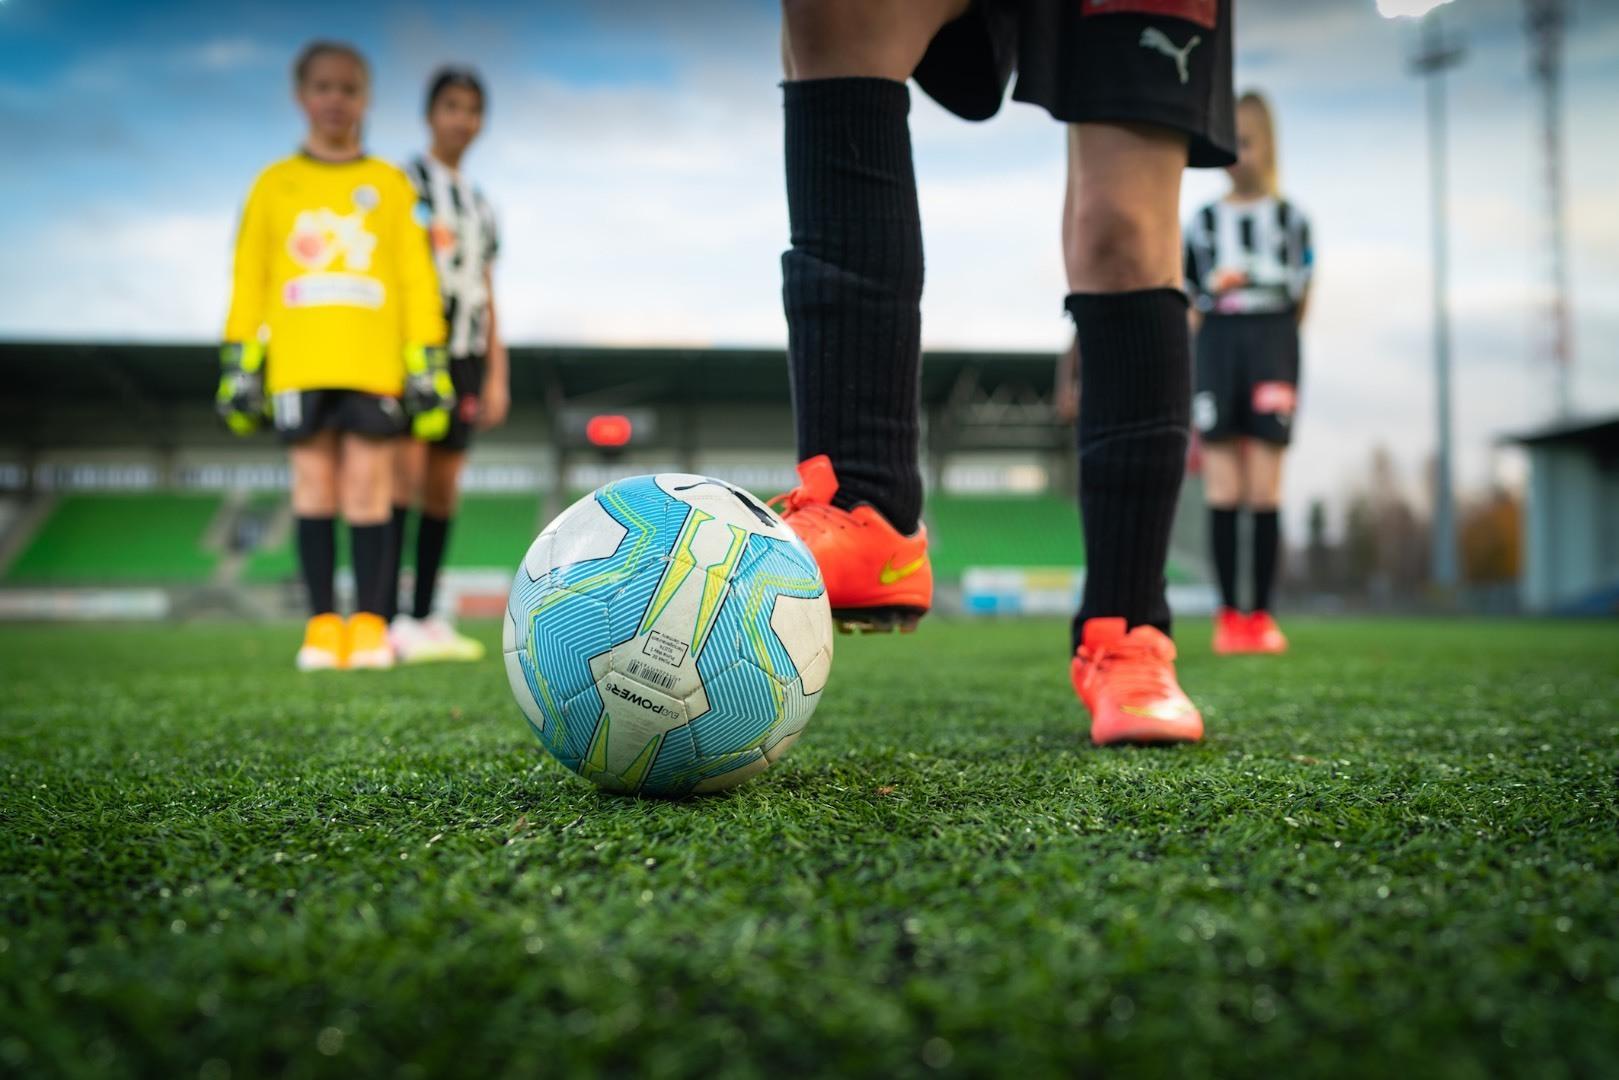 VPS Juniorit hakee lasten valmentajaa koko-, tai osa-aikaiseen työsuhteeseen